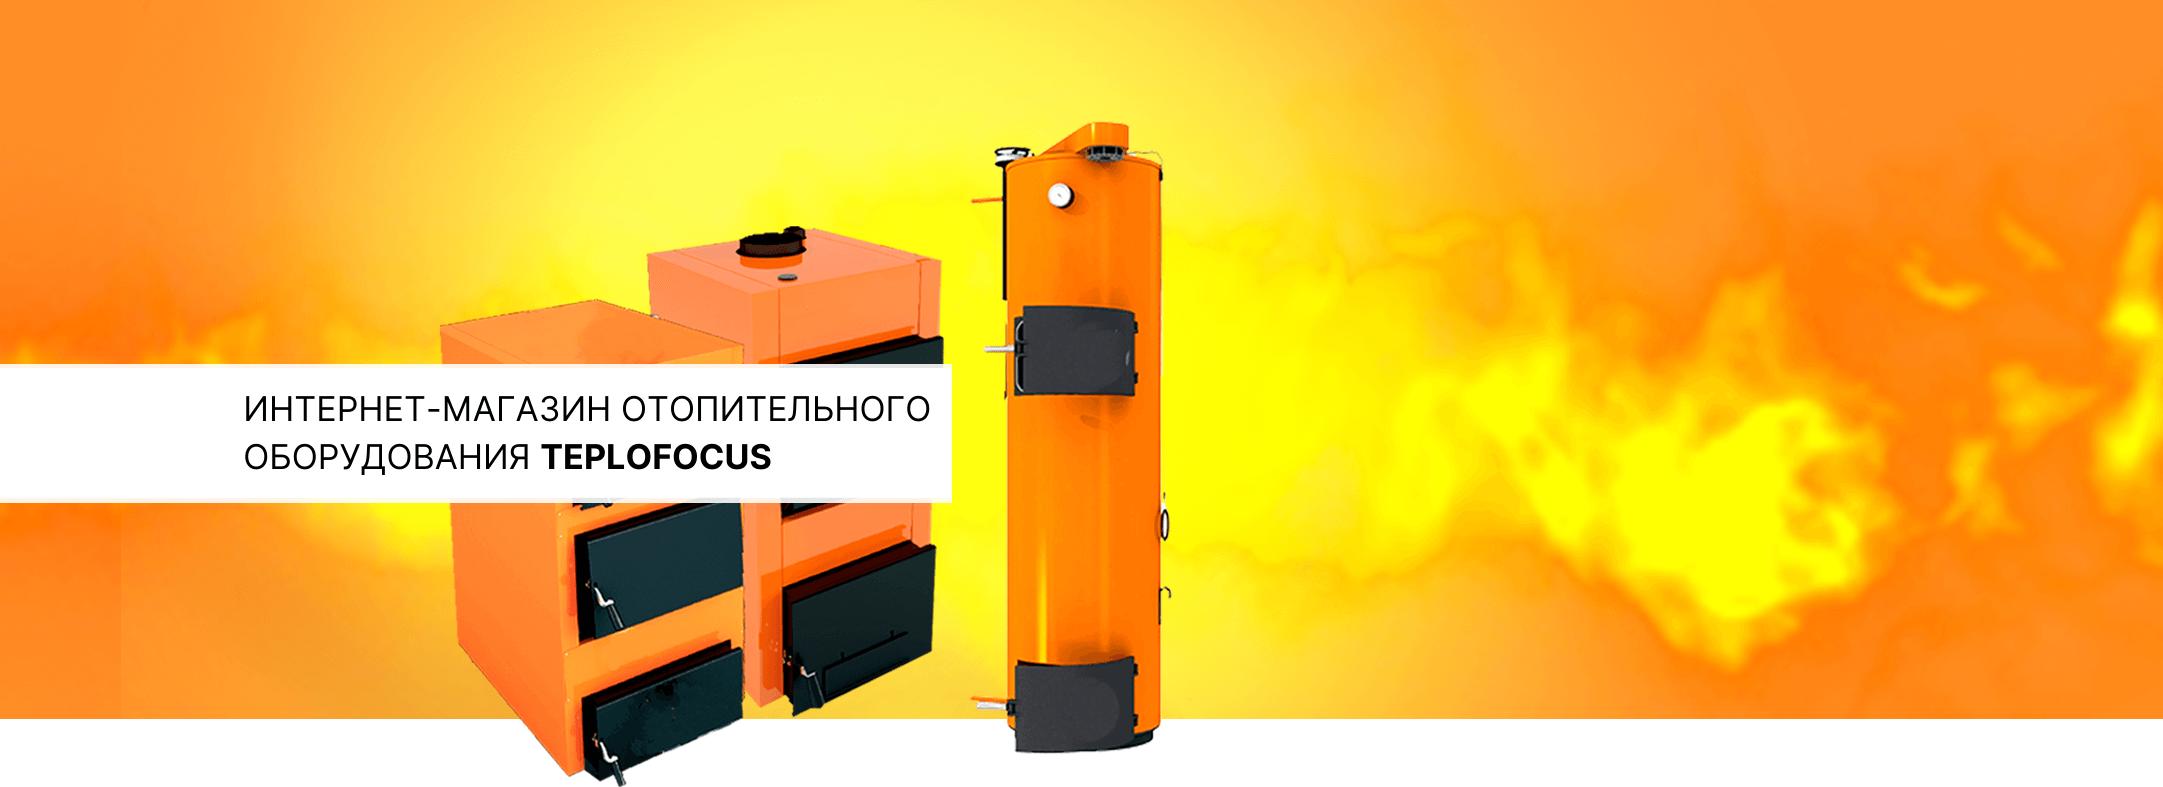 теплоаккумулятор